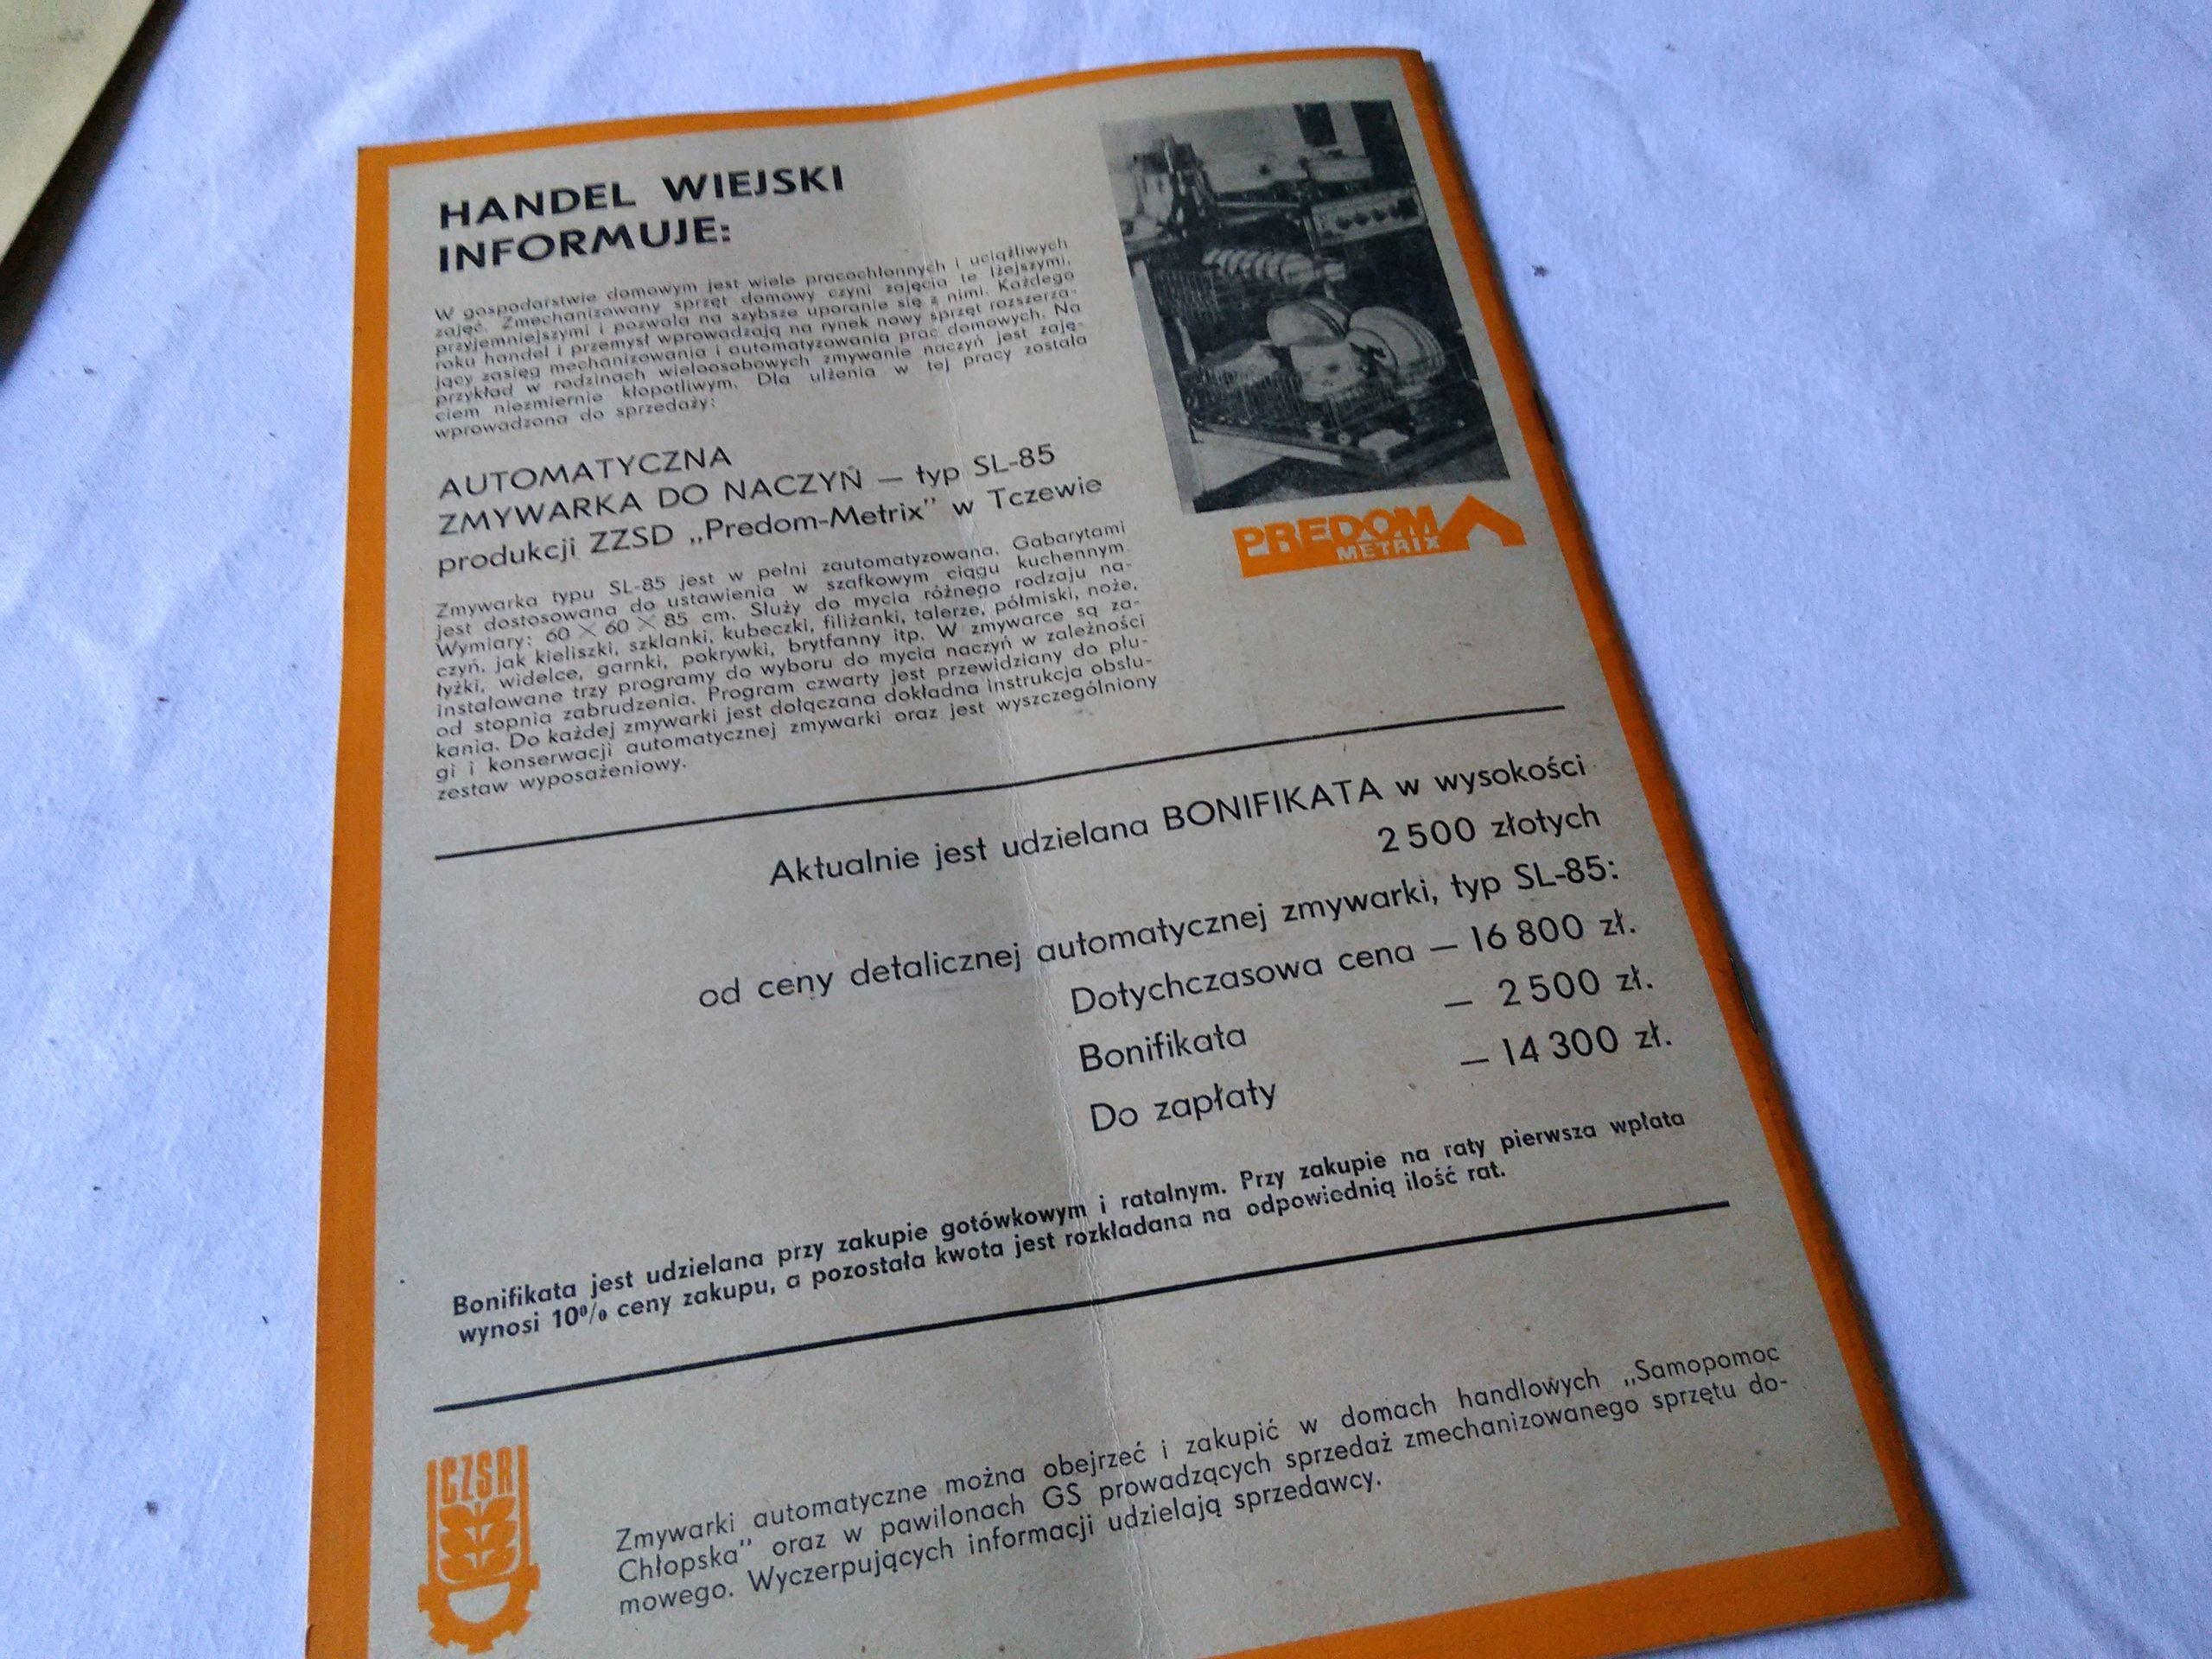 Gospodarstwo Domowe 3 1980 7543927915 Oficjalne Archiwum Allegro Personalized Items Person Receipt